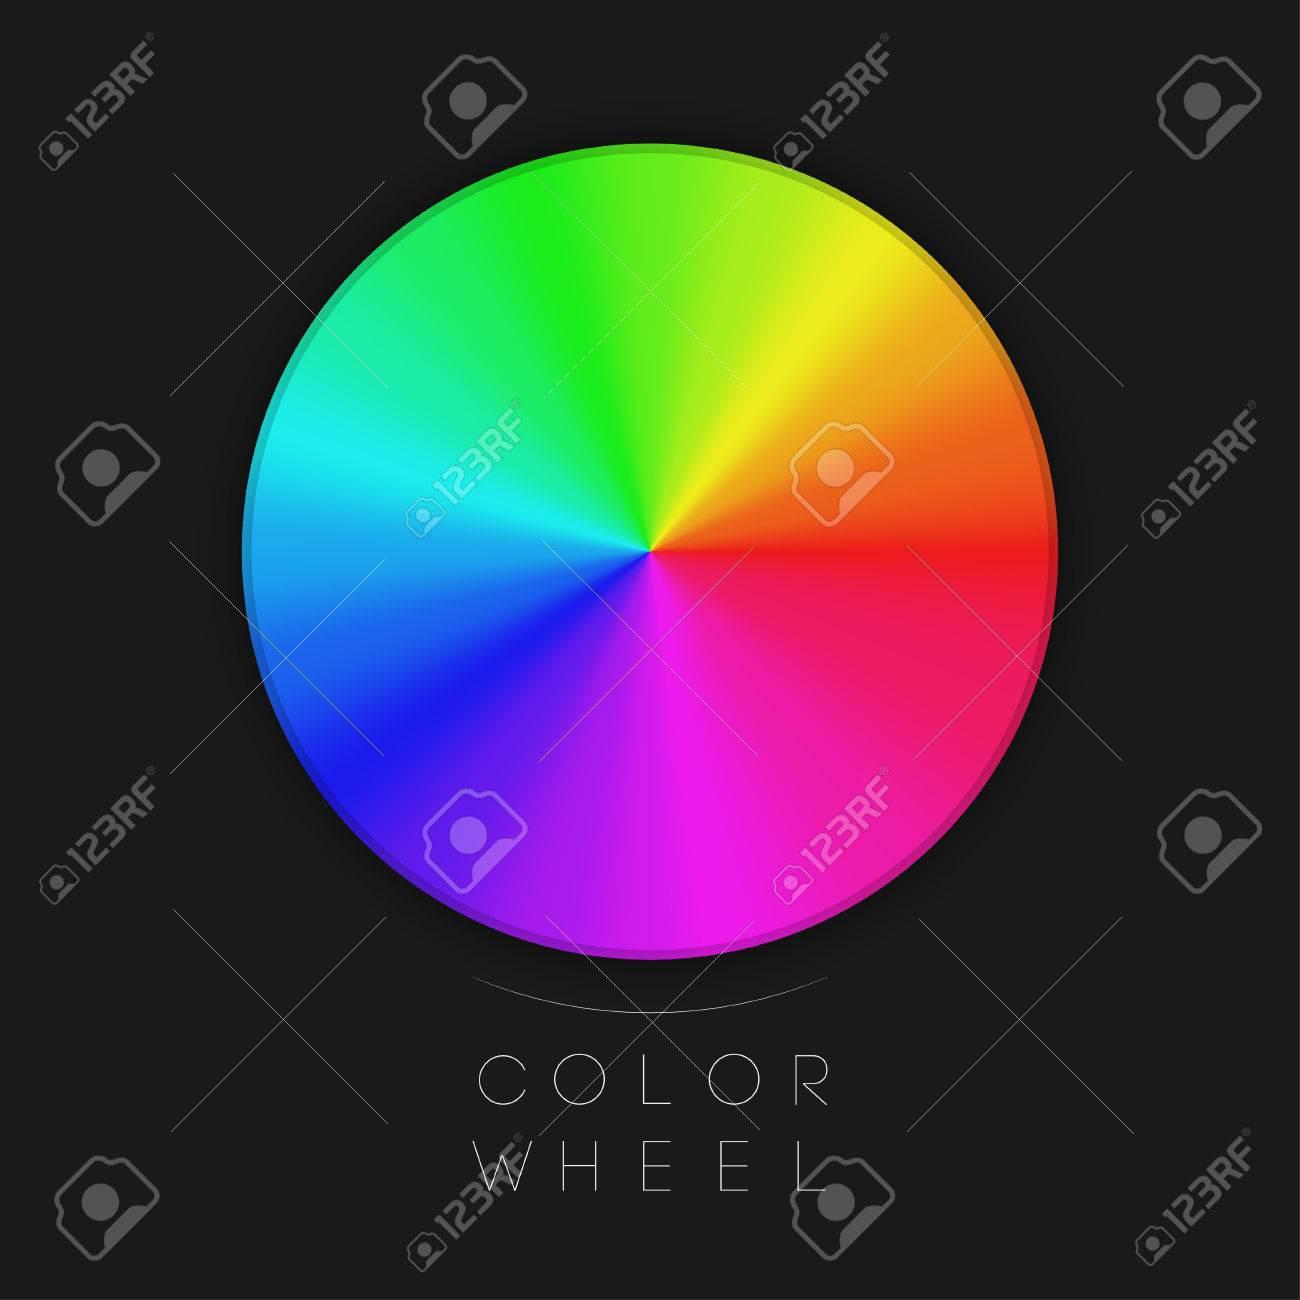 Color Wheel EPS10 Vector - 30510439